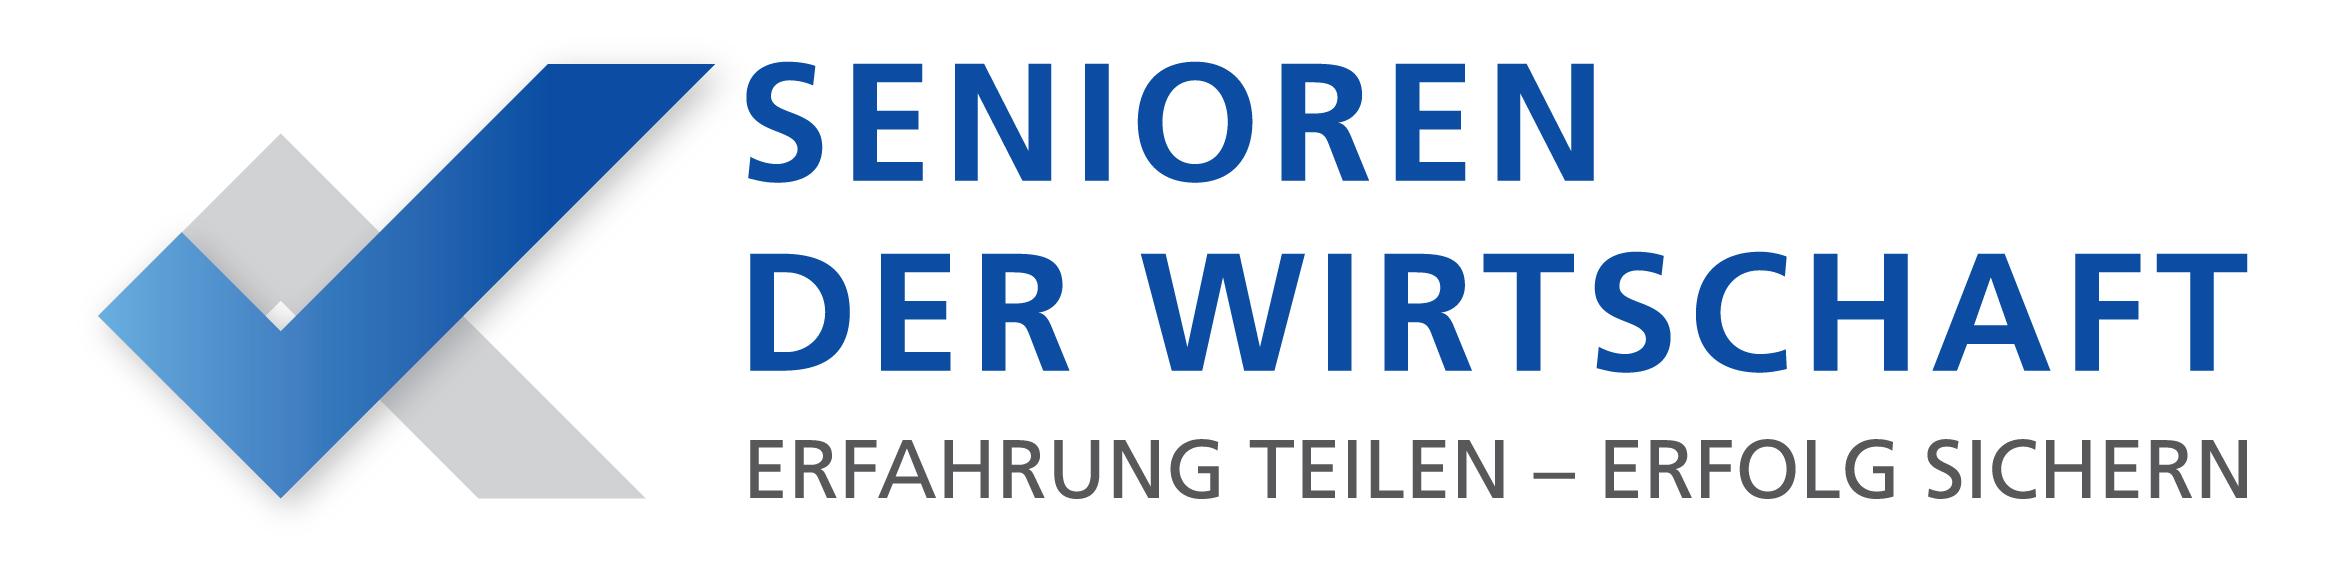 Logo Senioren der Wirtschaft